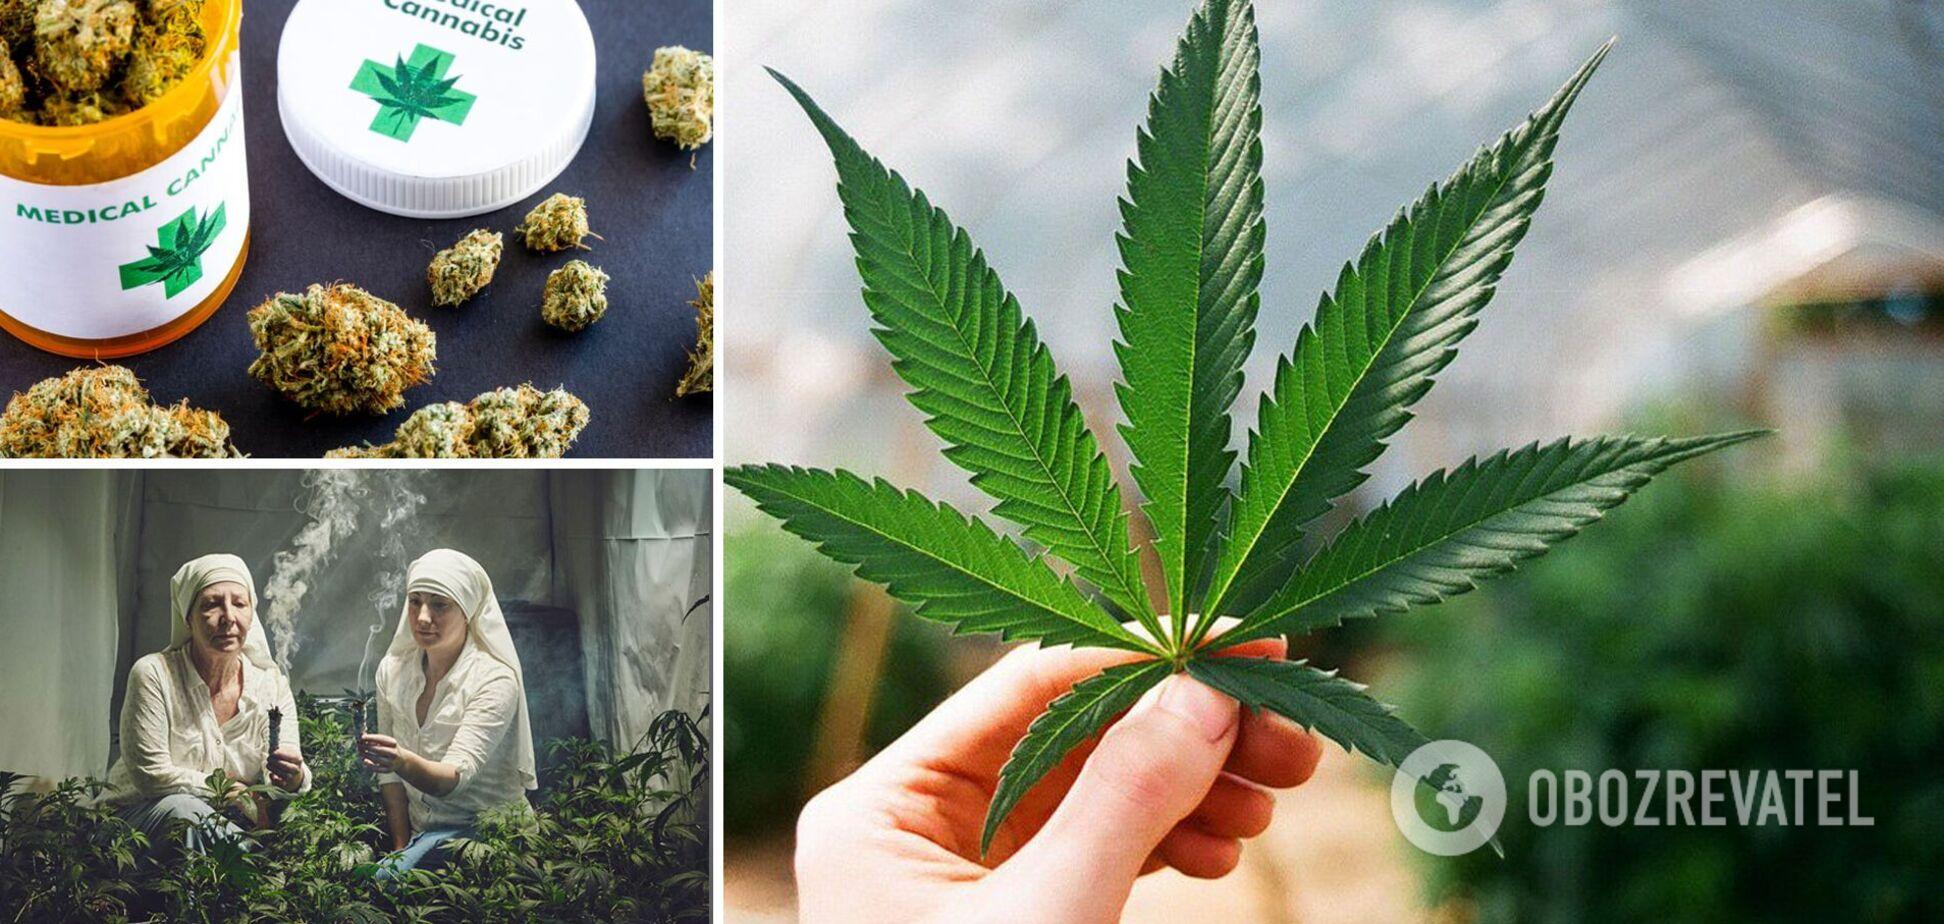 В Україні легалізують марихуану, ліки з нею продаватимуть в аптеках: кому і навіщо це потрібно